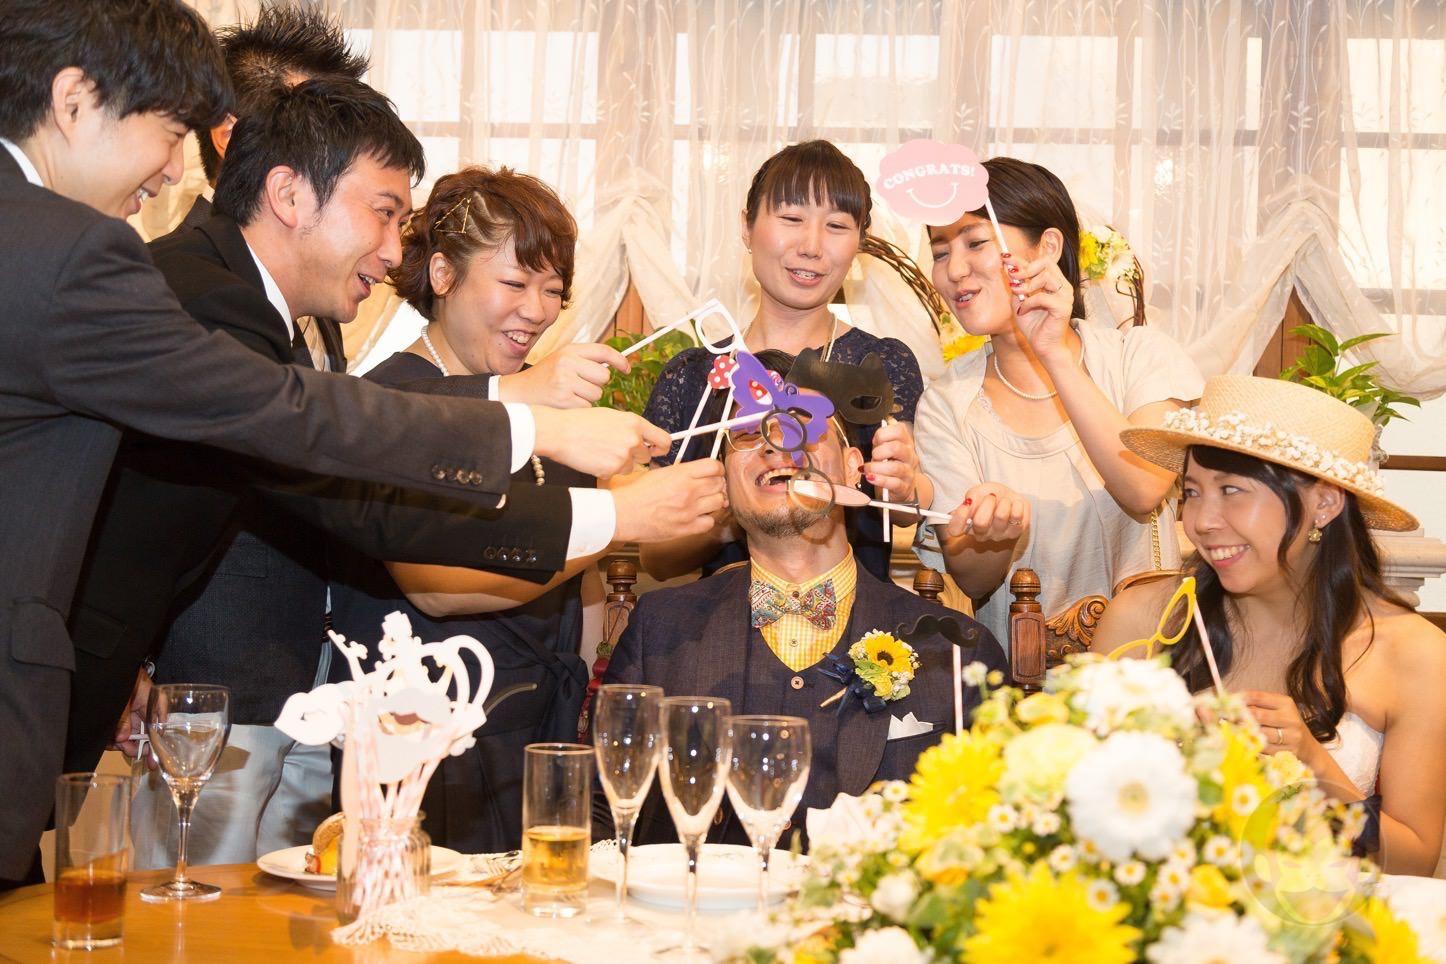 Hanzoya-Wedding-GoriMeYomeMe-205.jpg